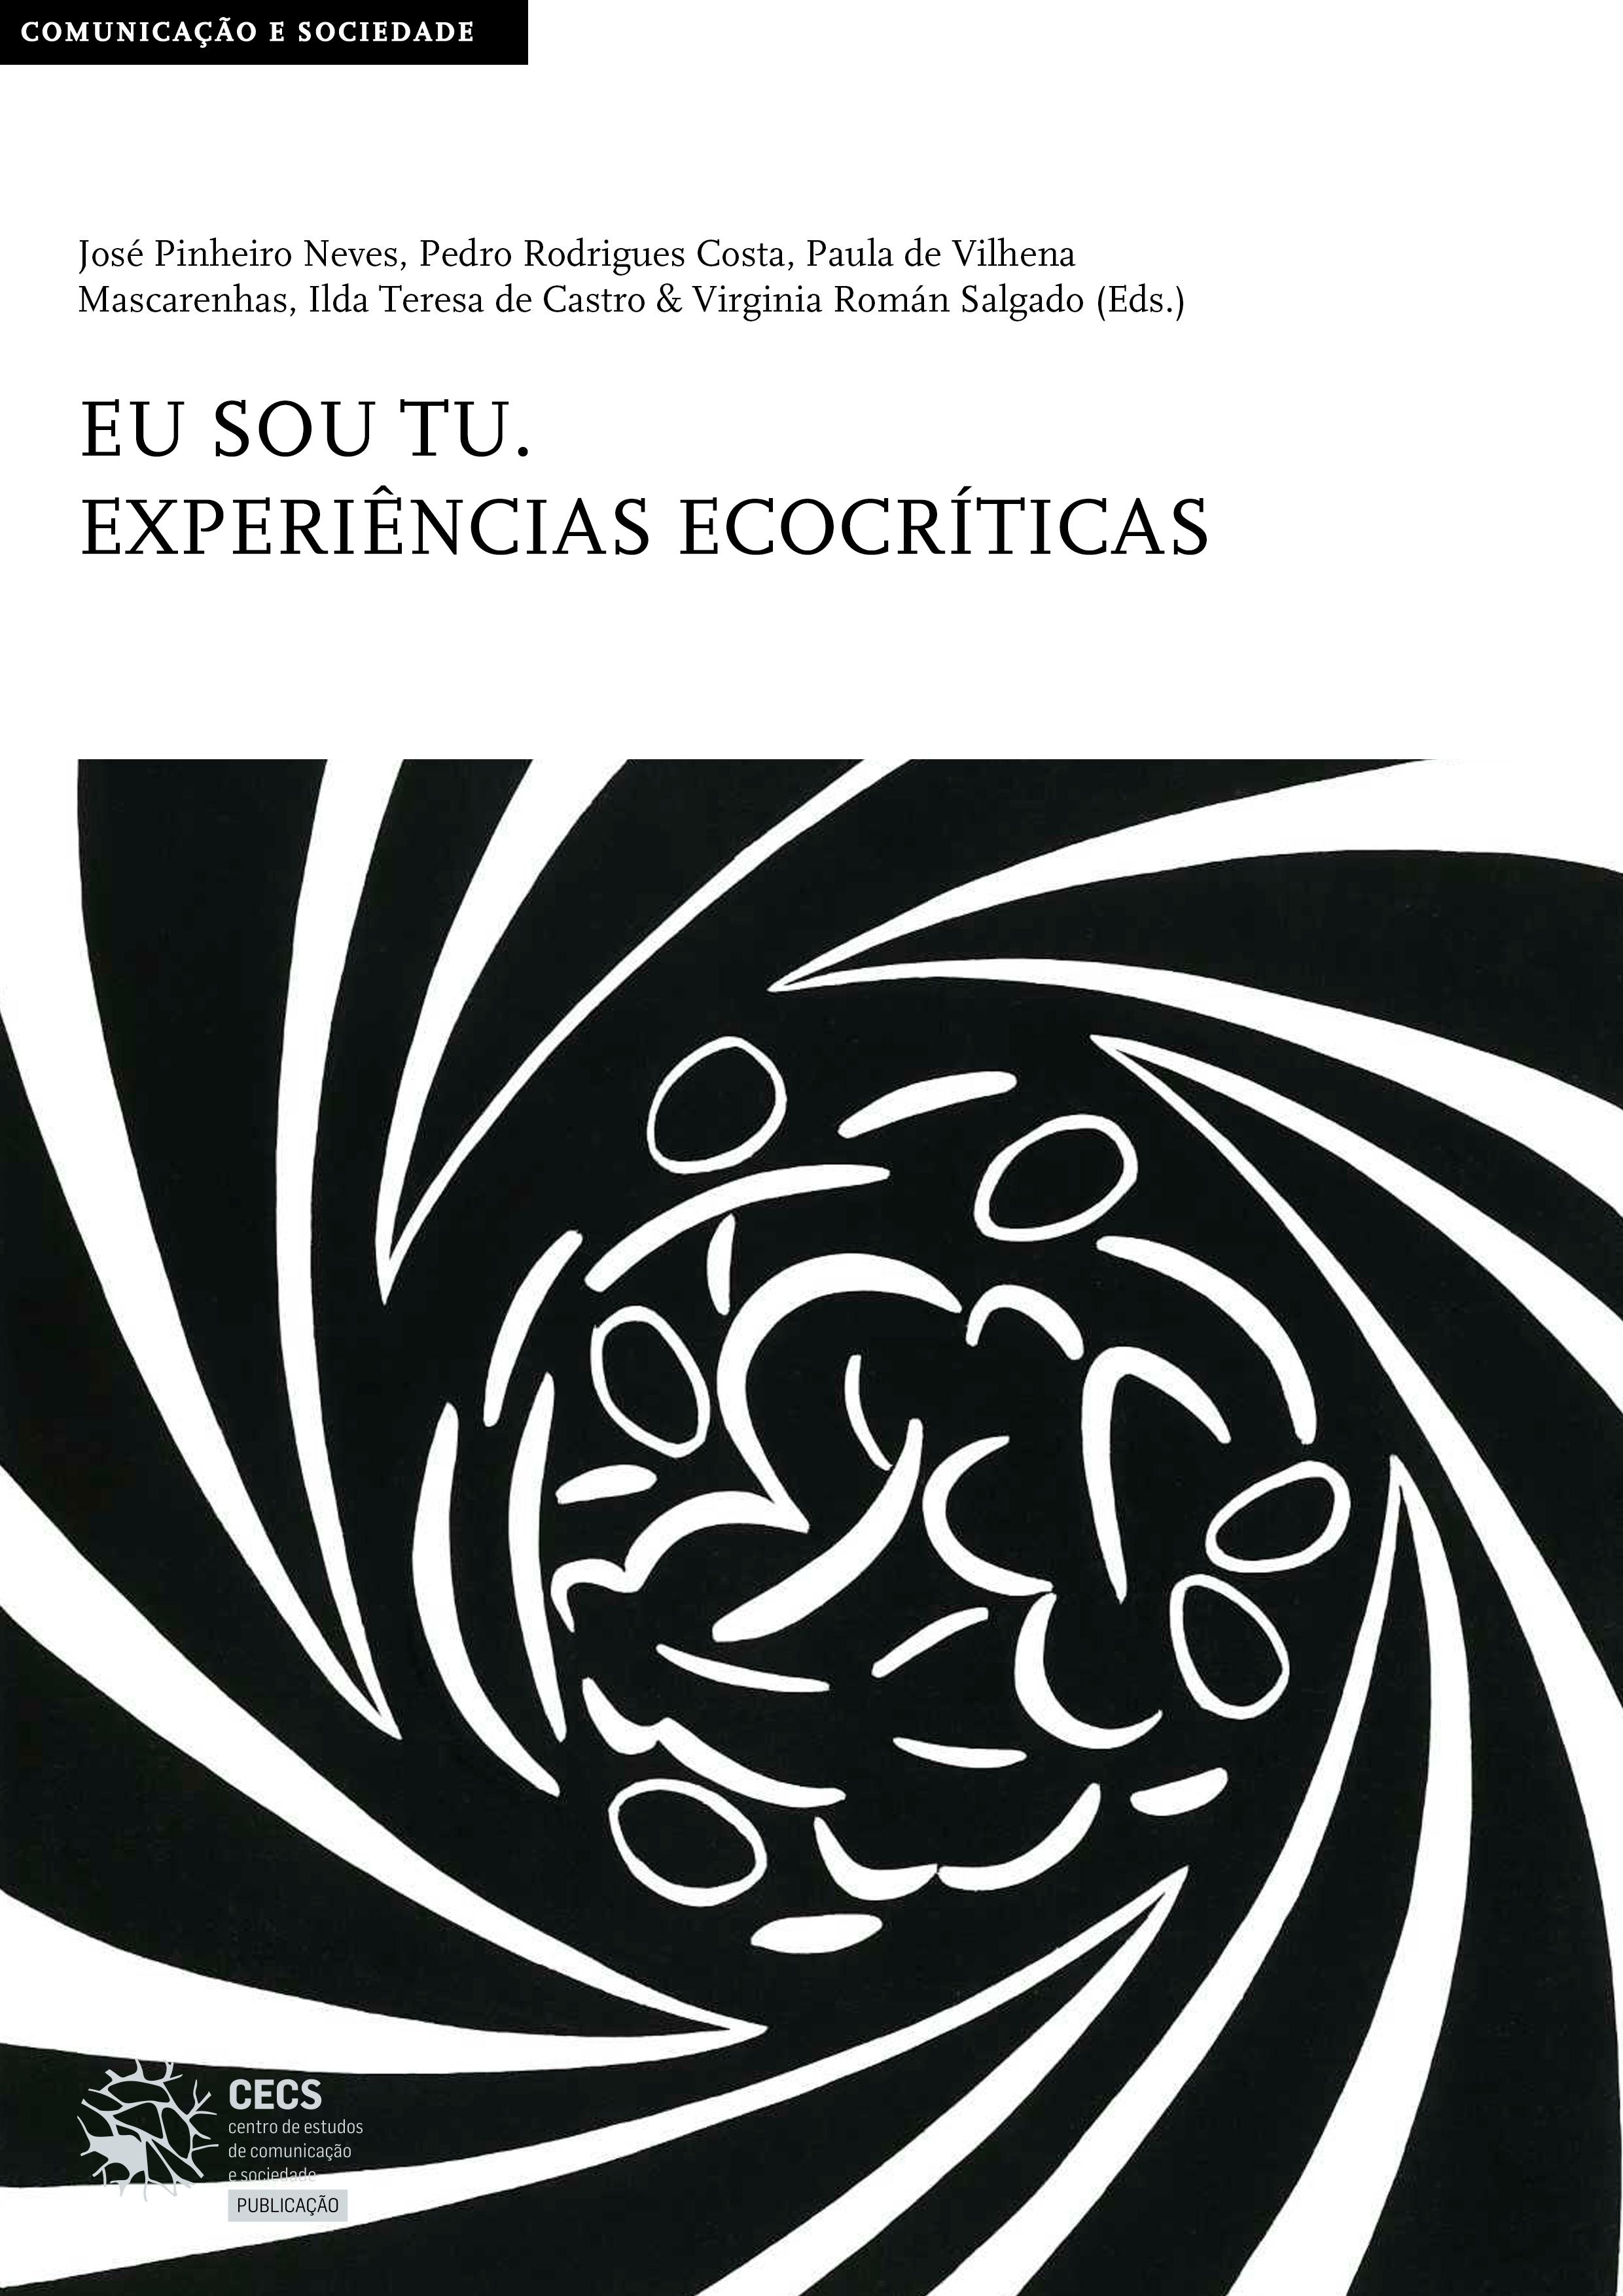 """Nova publicação do CECS: """"Eu sou tu. Experiências ecocríticas"""""""